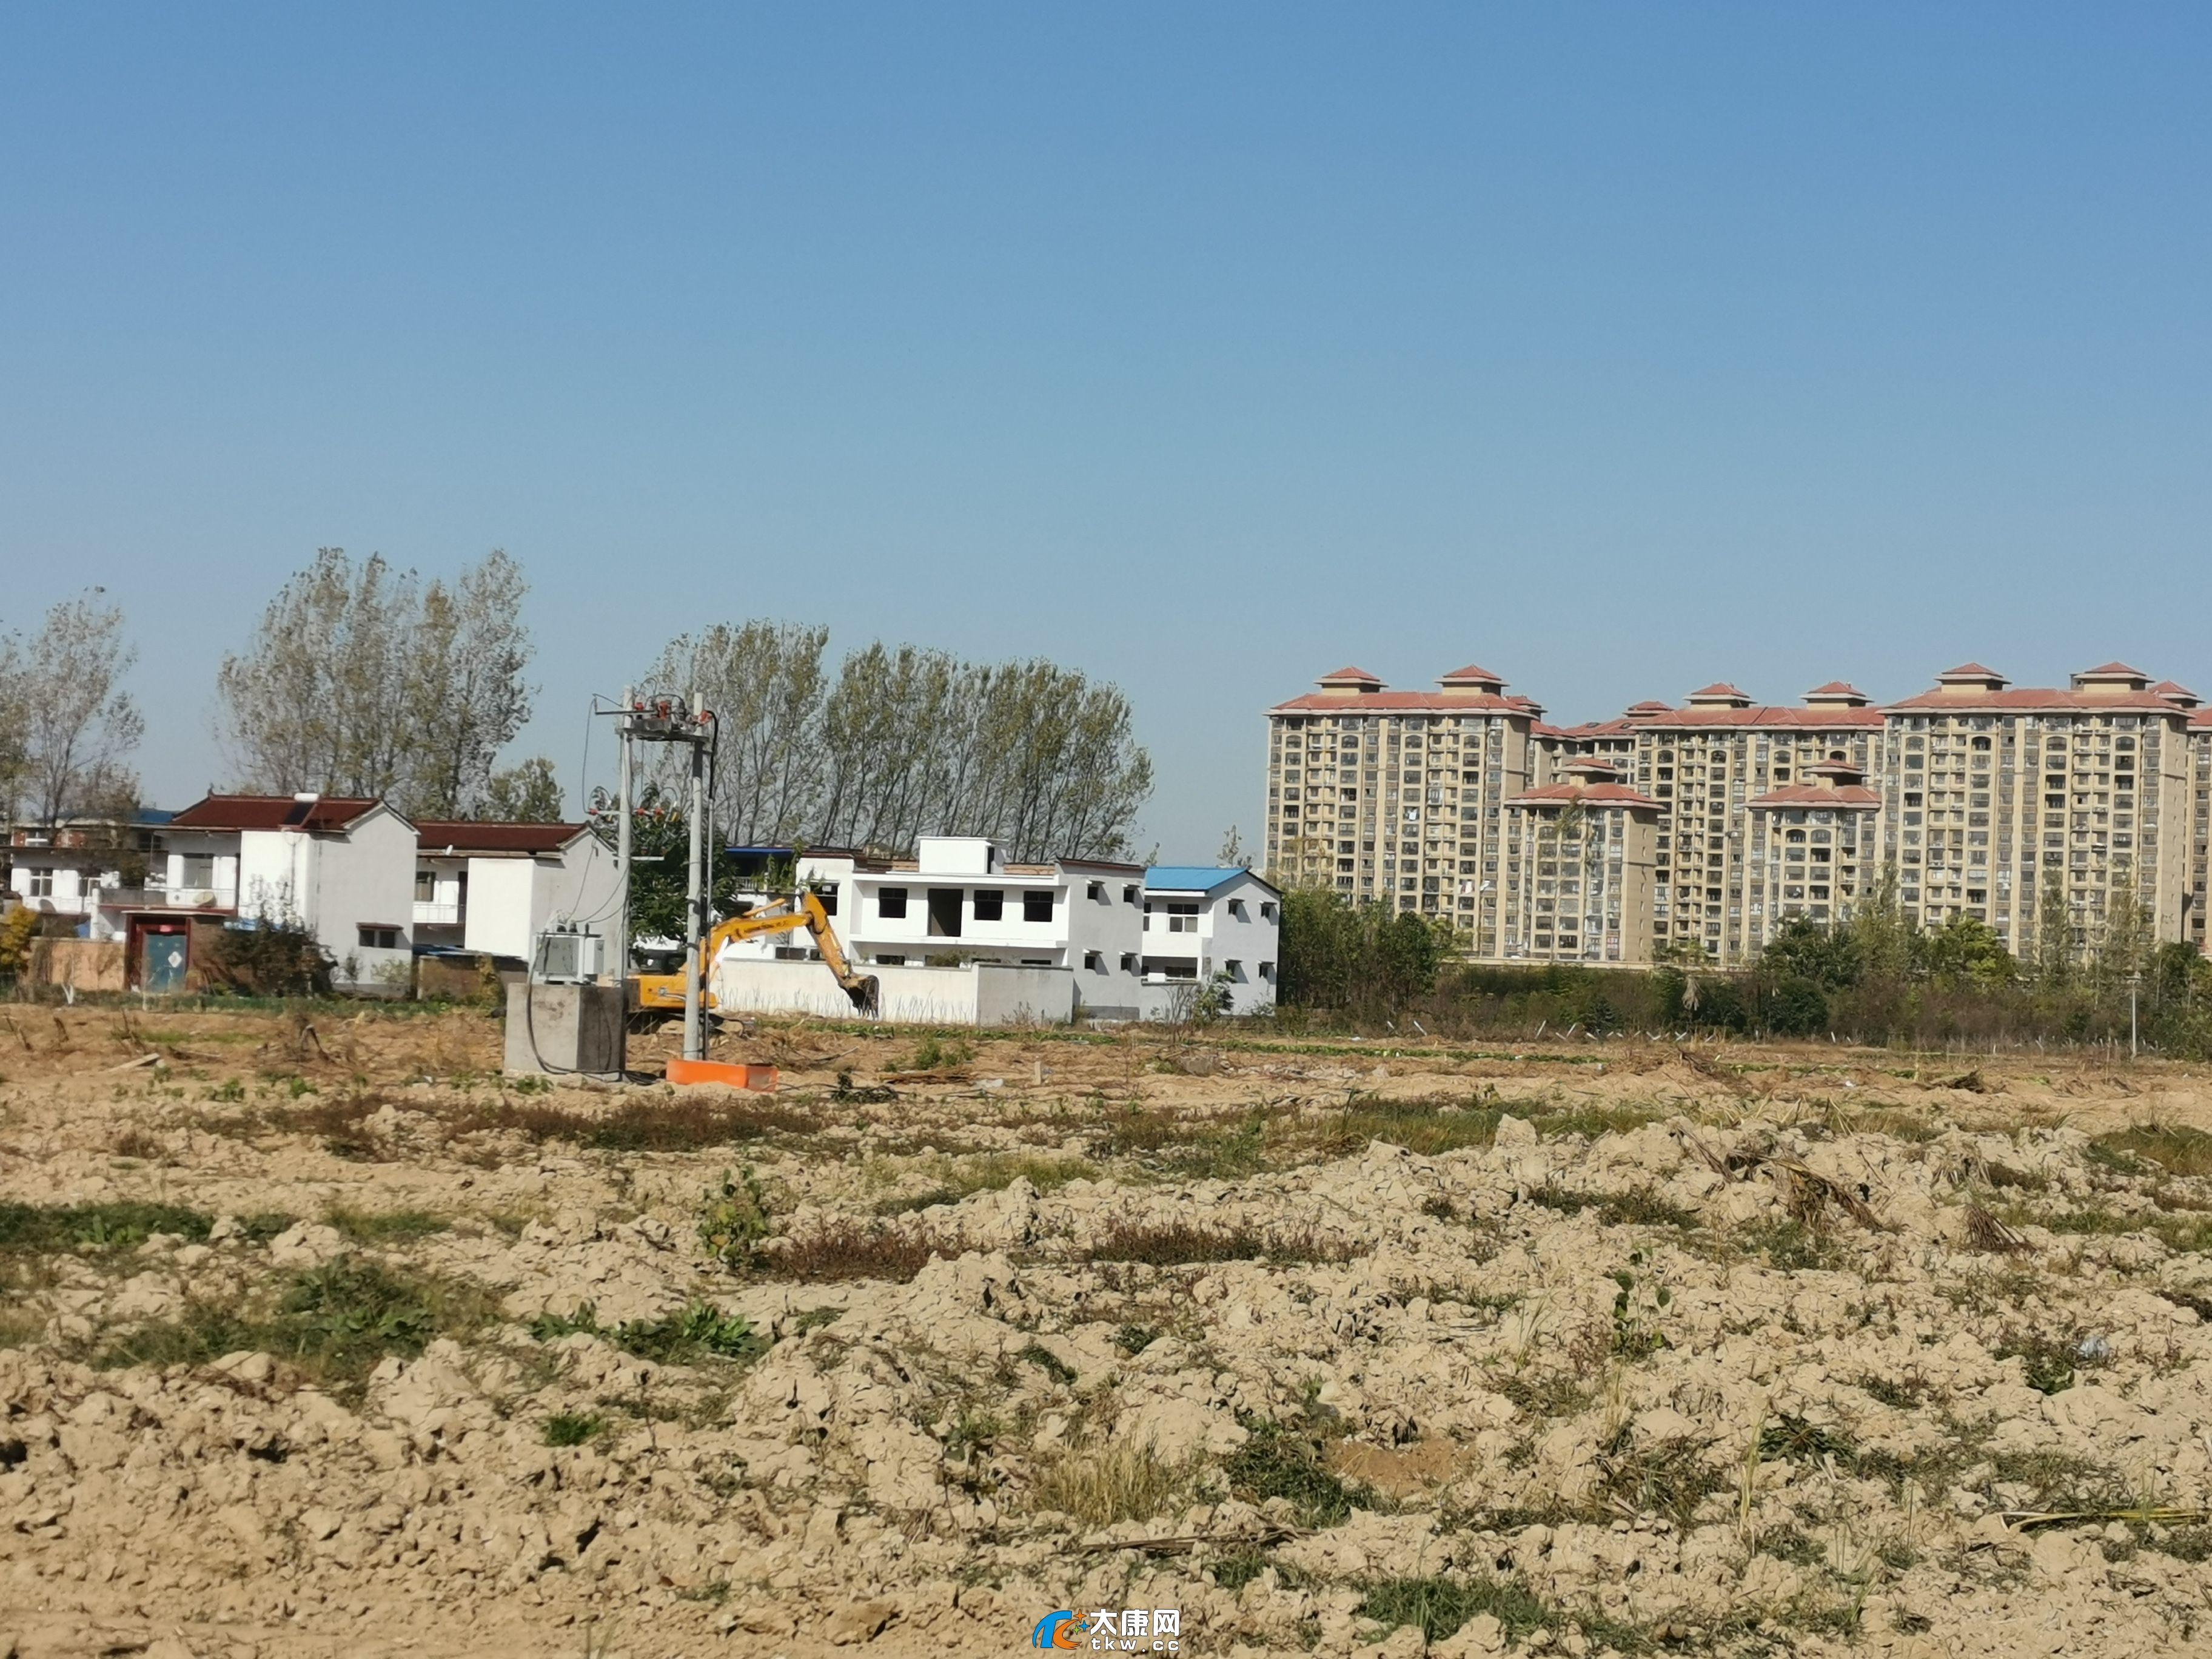 太康县关于这些乡镇村庄的征收范围及滨湖花园棚户区的改造...(附太康三个花园棚户...